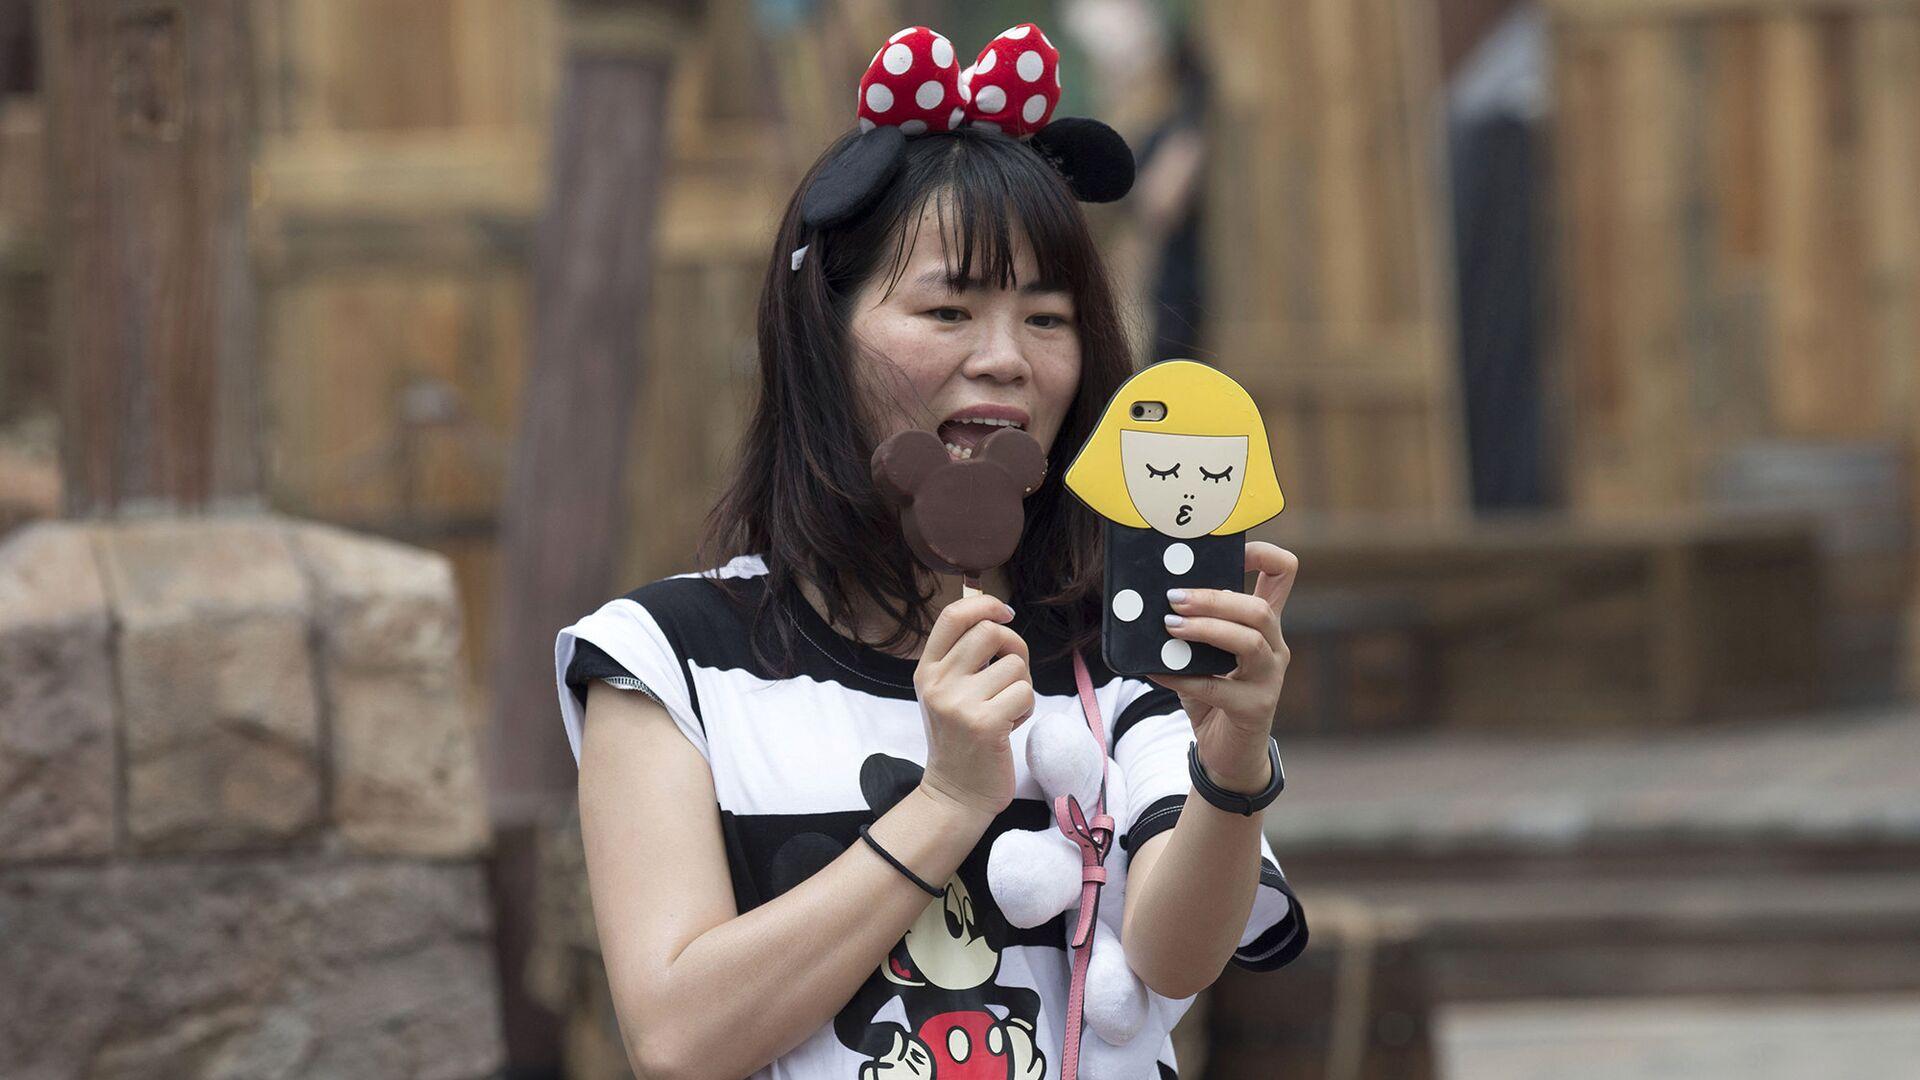 Посетительница первого на территории континентального Китая парка развлечений Диснейленд в Шанхае ест мороженое в виде Микки Мауса - РИА Новости, 1920, 17.01.2021